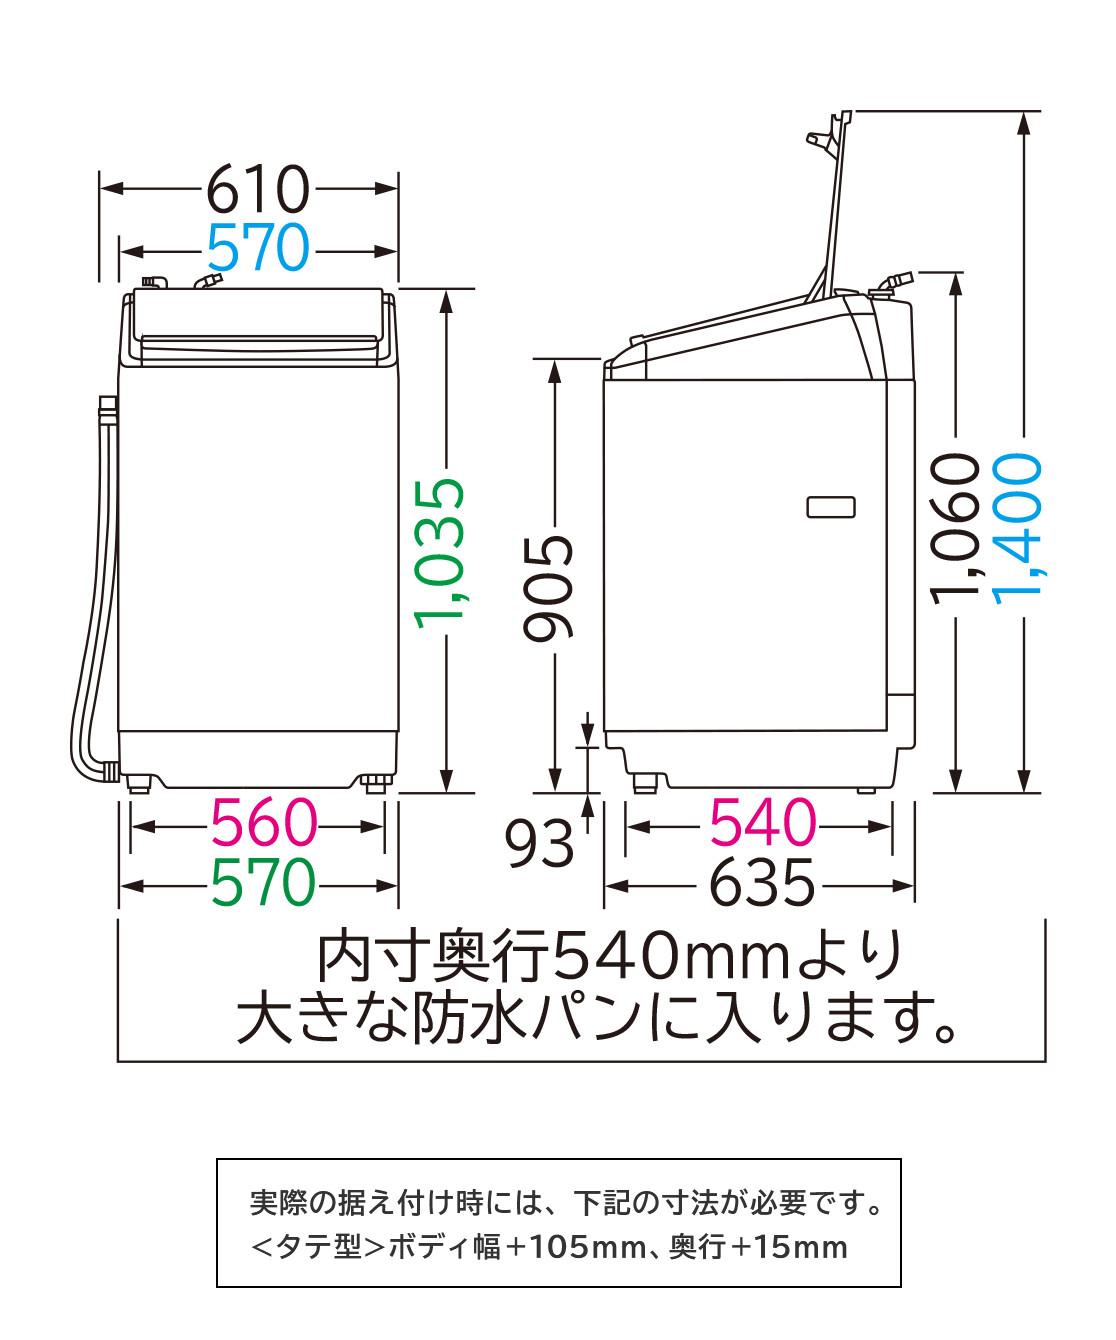 洗濯乾燥機 BW-DV100A・BW-DV90A・BW-DV80A